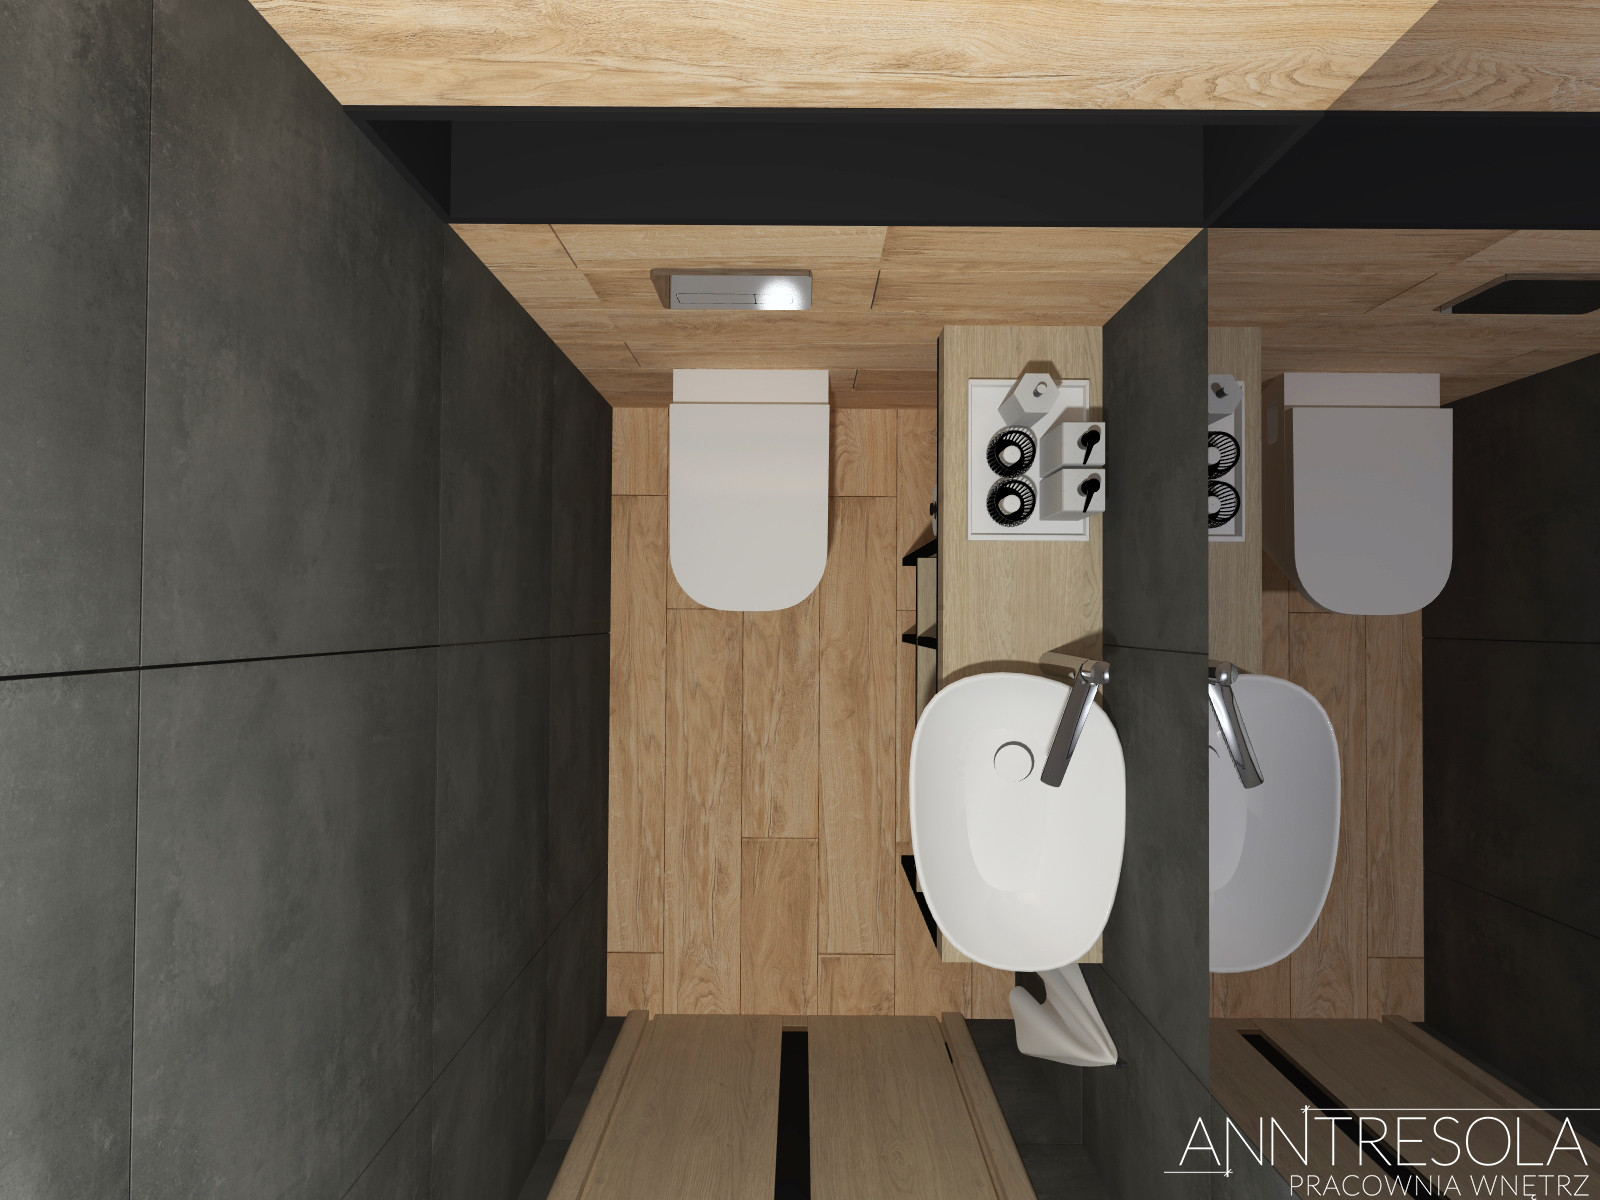 Mała łazienka Szeregówka Parter 49m2 Anntresola